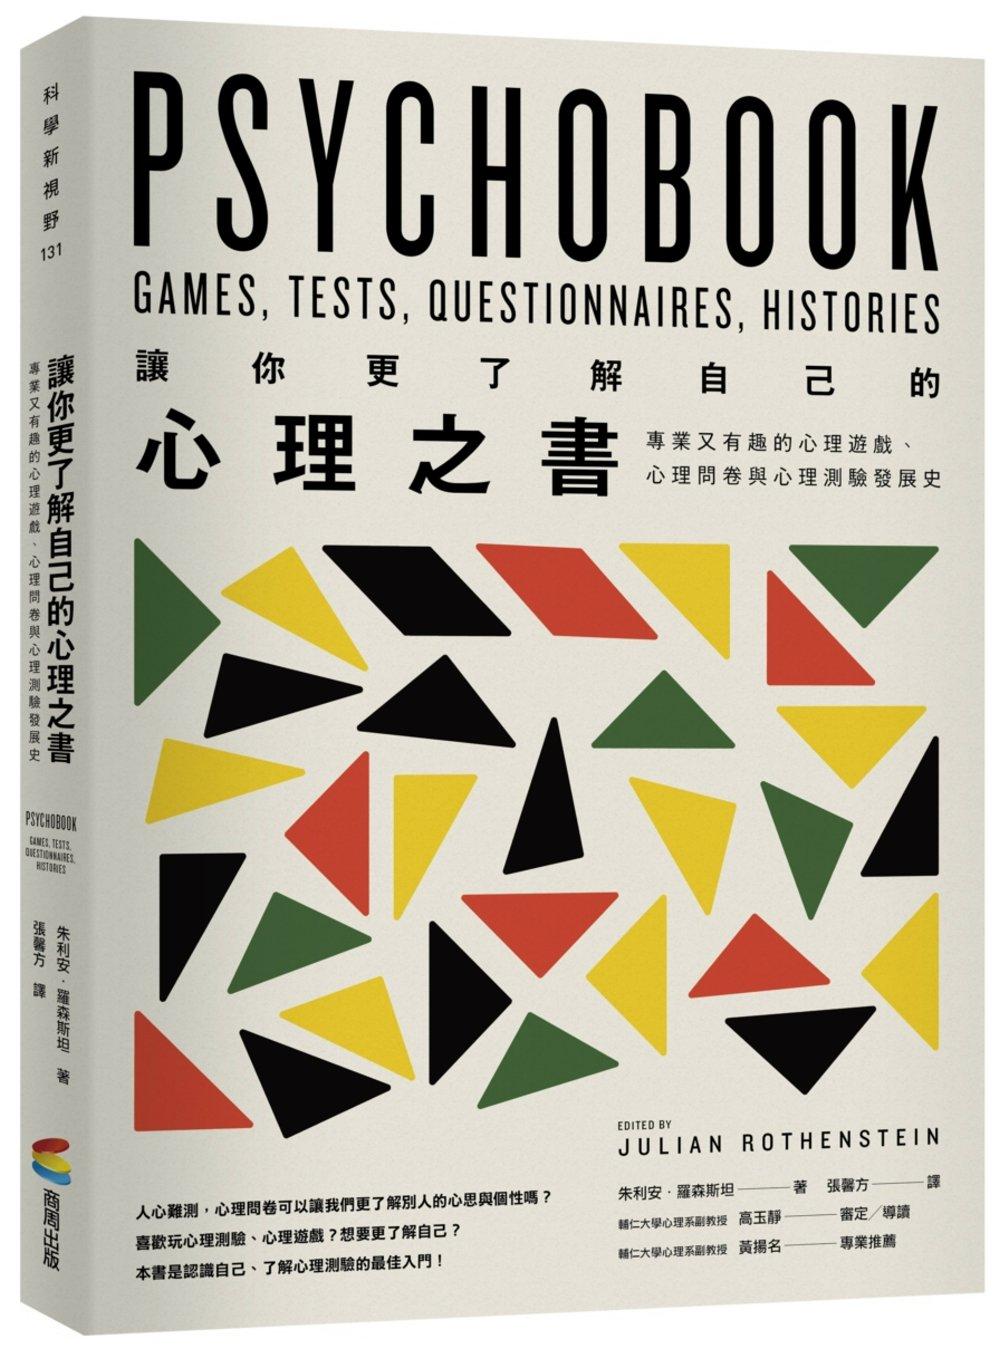 讓你更了解自己的心理之書:專業又有趣的心理遊戲、心理問卷與心理測驗發展史